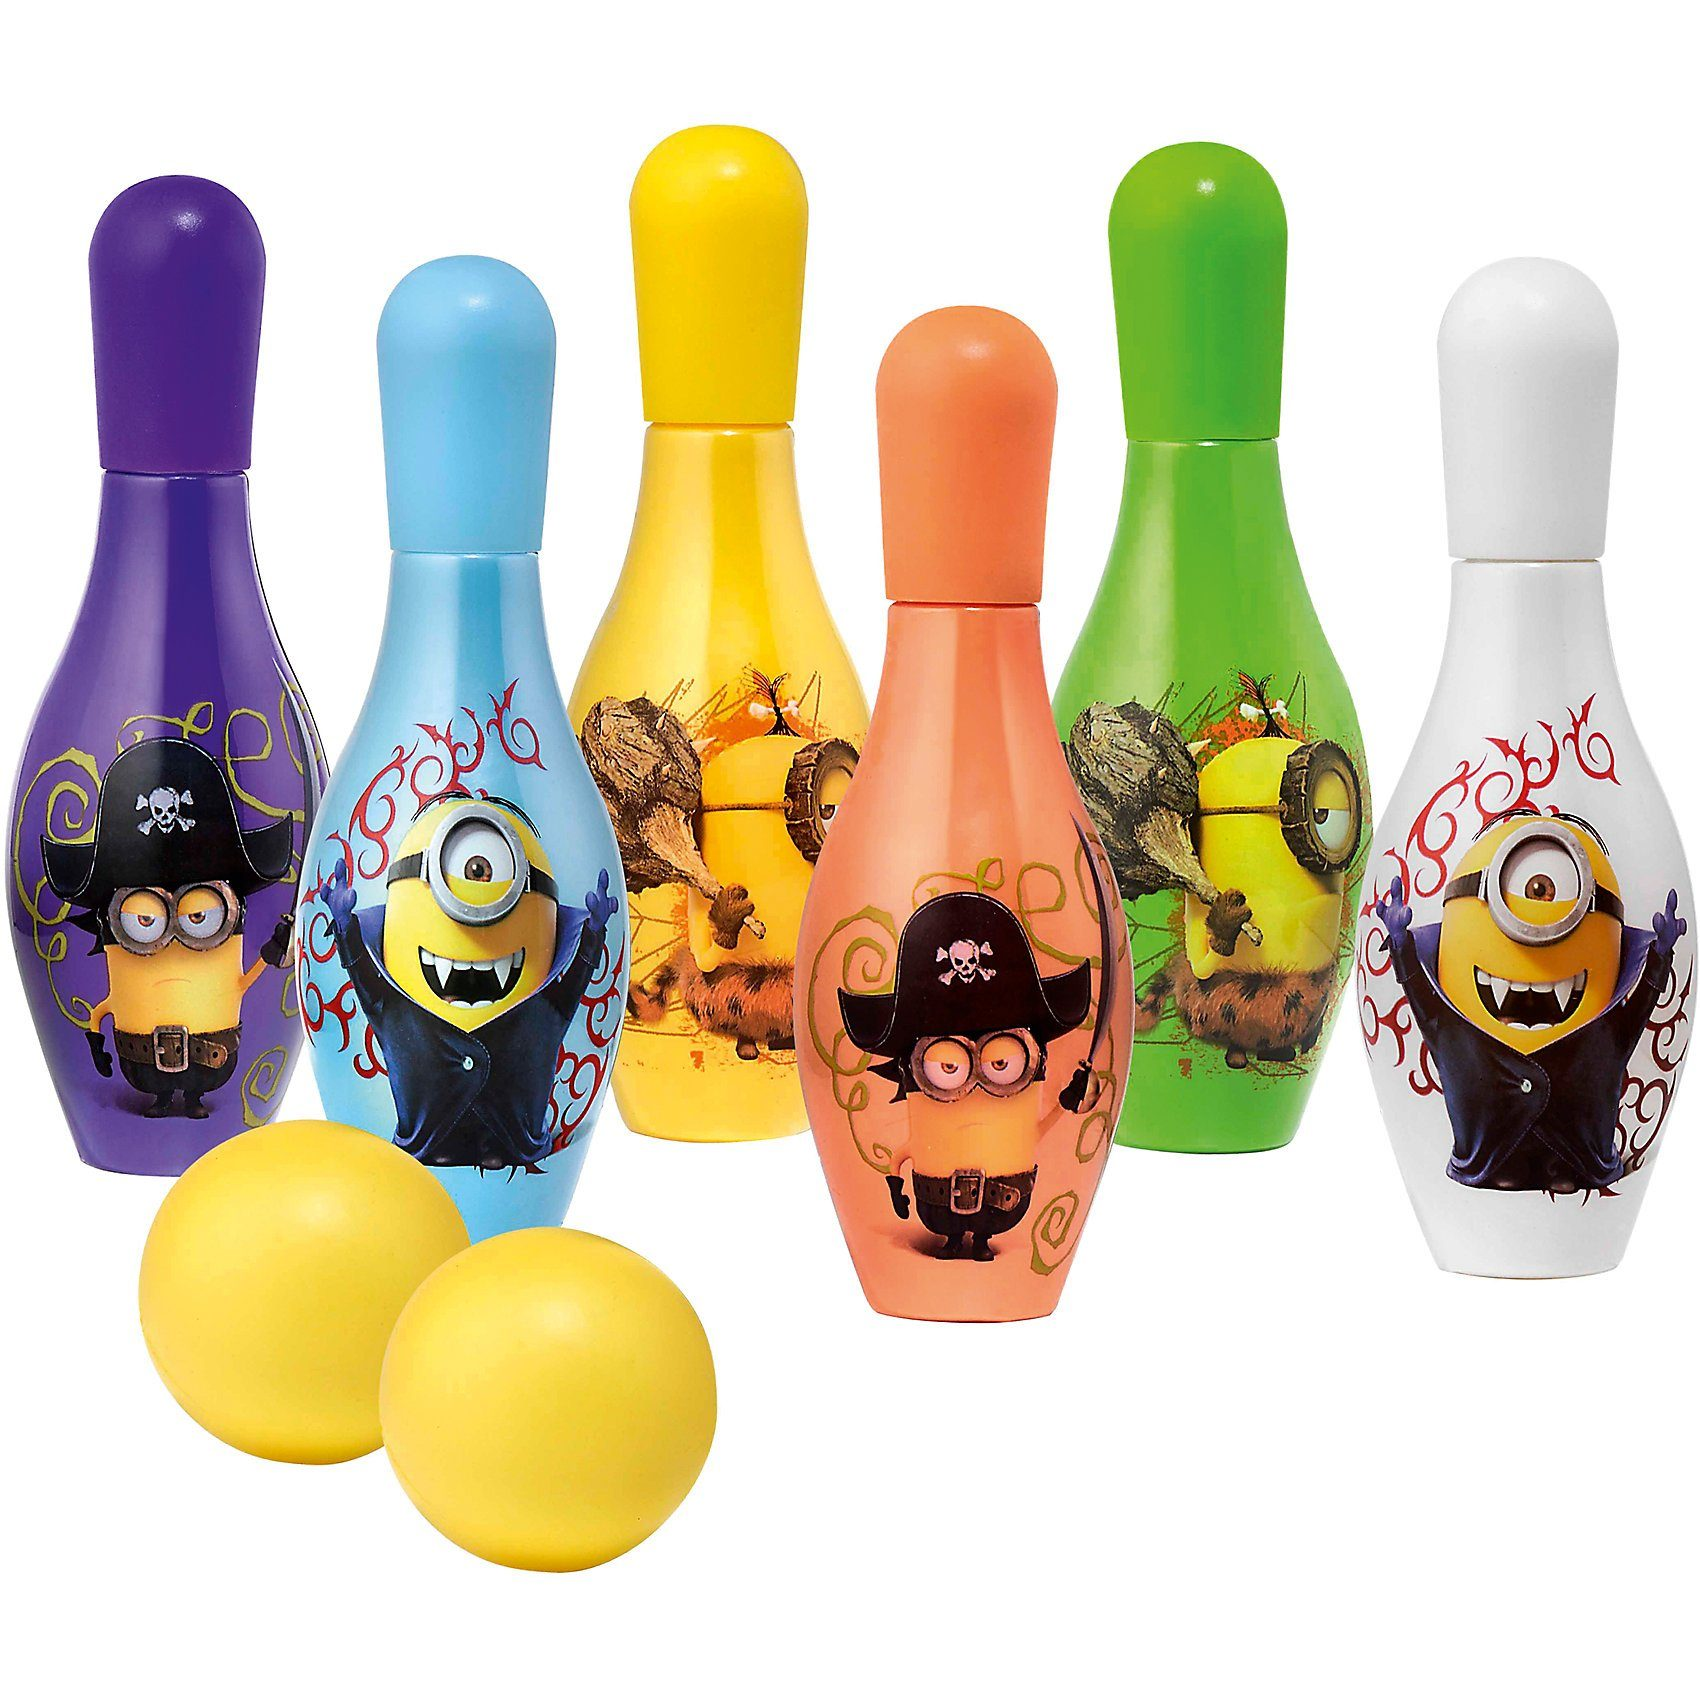 Badeset Minions Bowlingpins